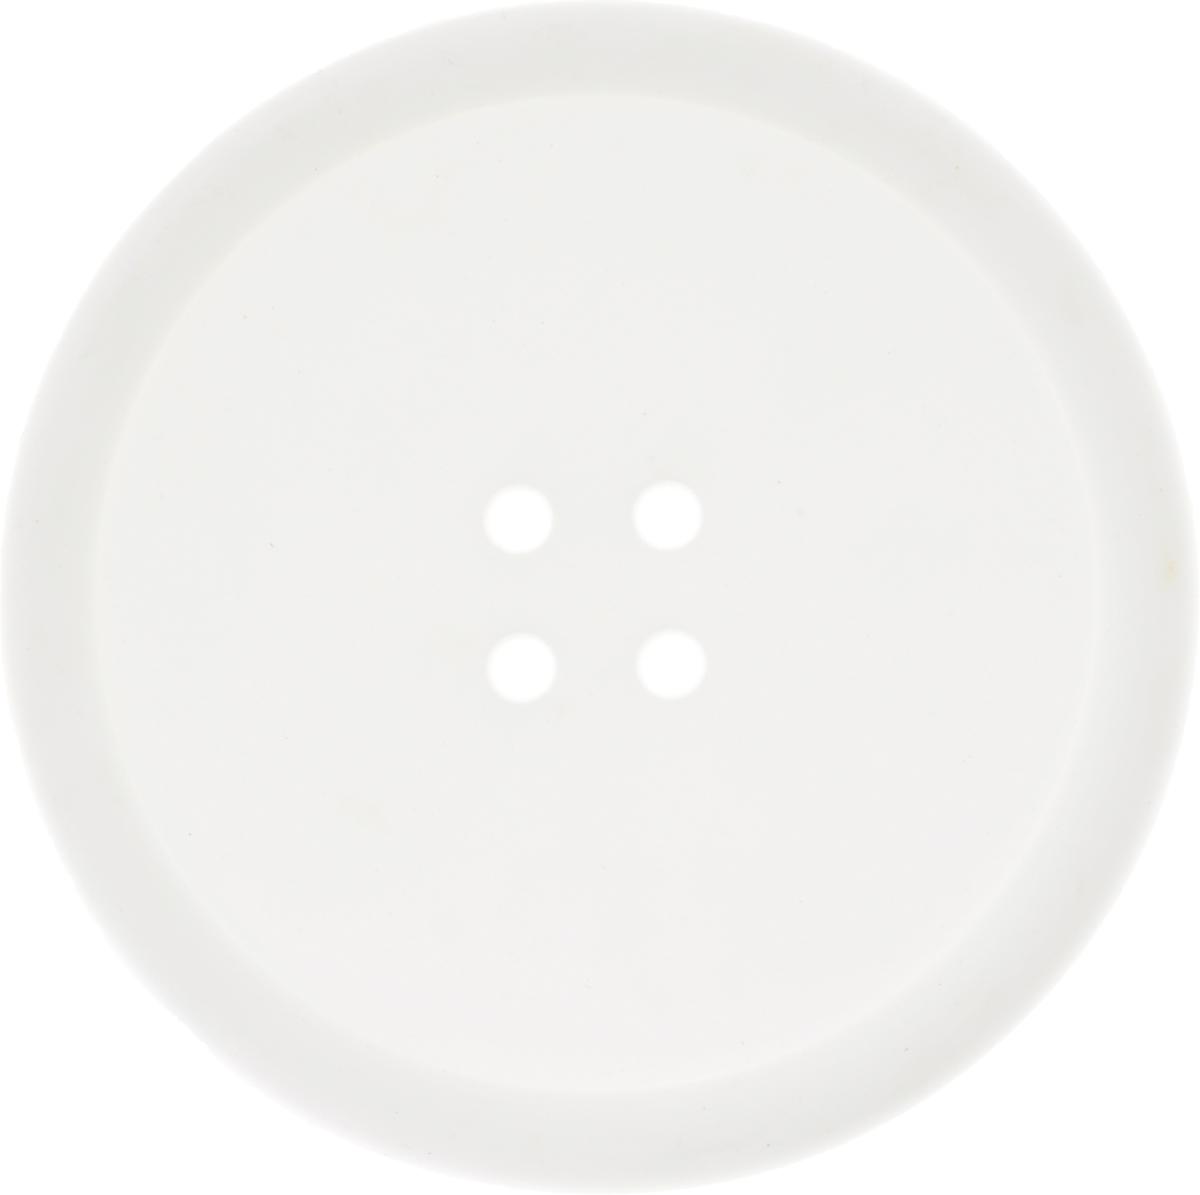 Подставка термостойкая Marmiton Пуговка, цвет: белый, диаметр 10 см16176_белыйТермостойкая подставка Marmiton Пуговка выполнена из силикона в виде пуговки. Изделие предназначено для защиты мебели от воздействия высоких температур. Также ее можно использовать в качестве прихватки. Силикон устойчив к фруктовым кислотам, к воздействию низких и высоких температур. Не воздействует с продуктами питания и не впитывает запахи. Обладает естественным антипригарным свойством. Можно мыть и сушить в посудомоечной машине.Диаметр: 10 см.